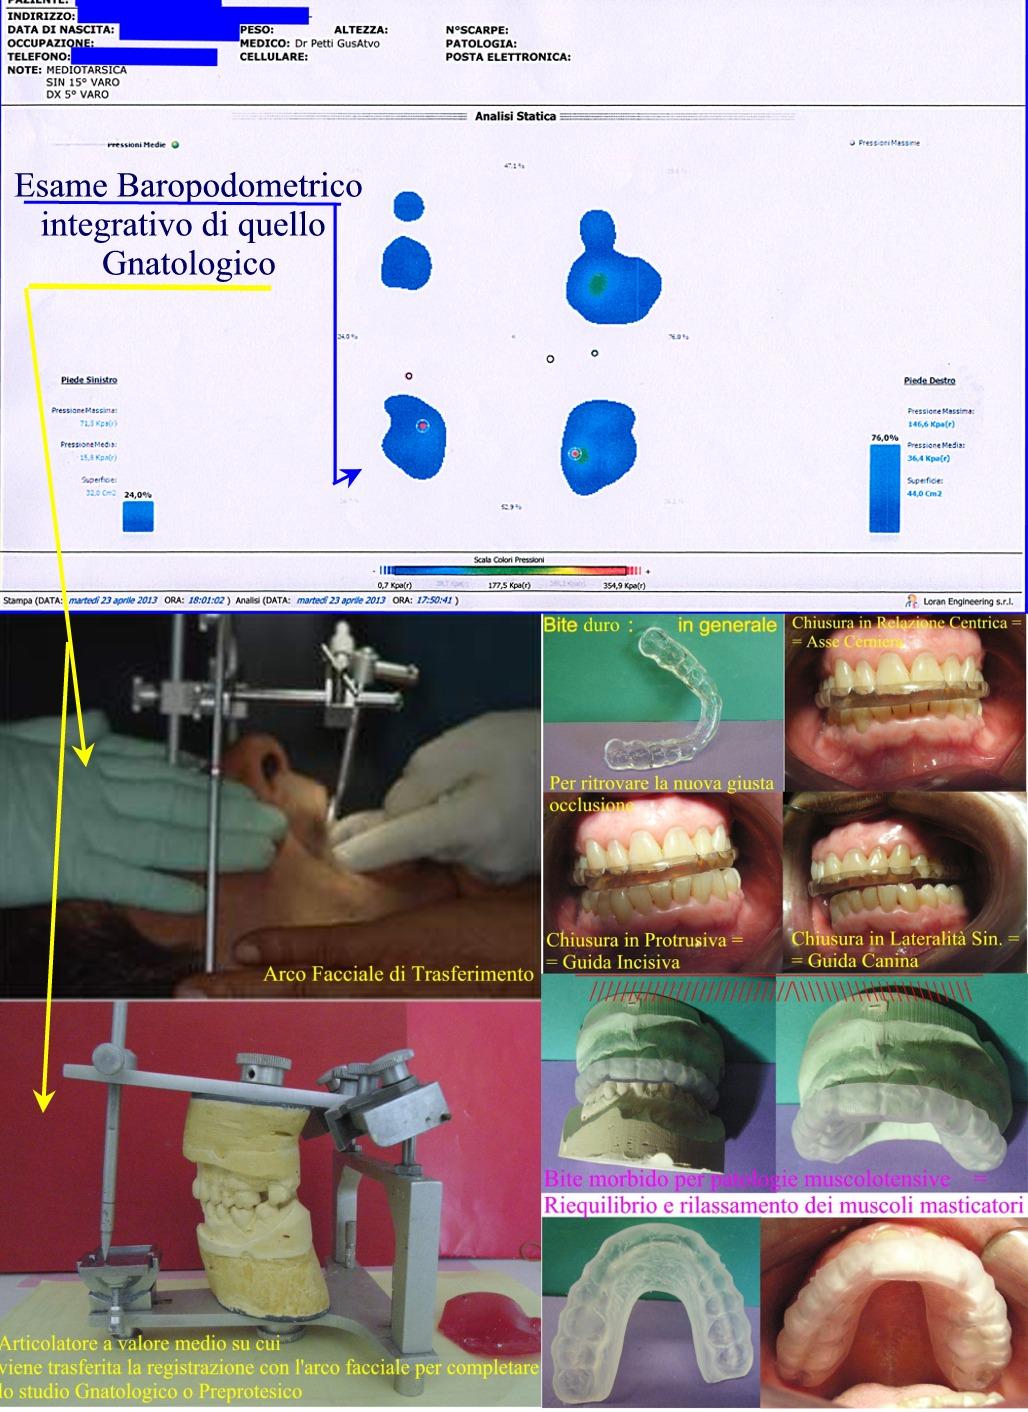 analisi-gnatologica-dr-g.petti-121015.jpg